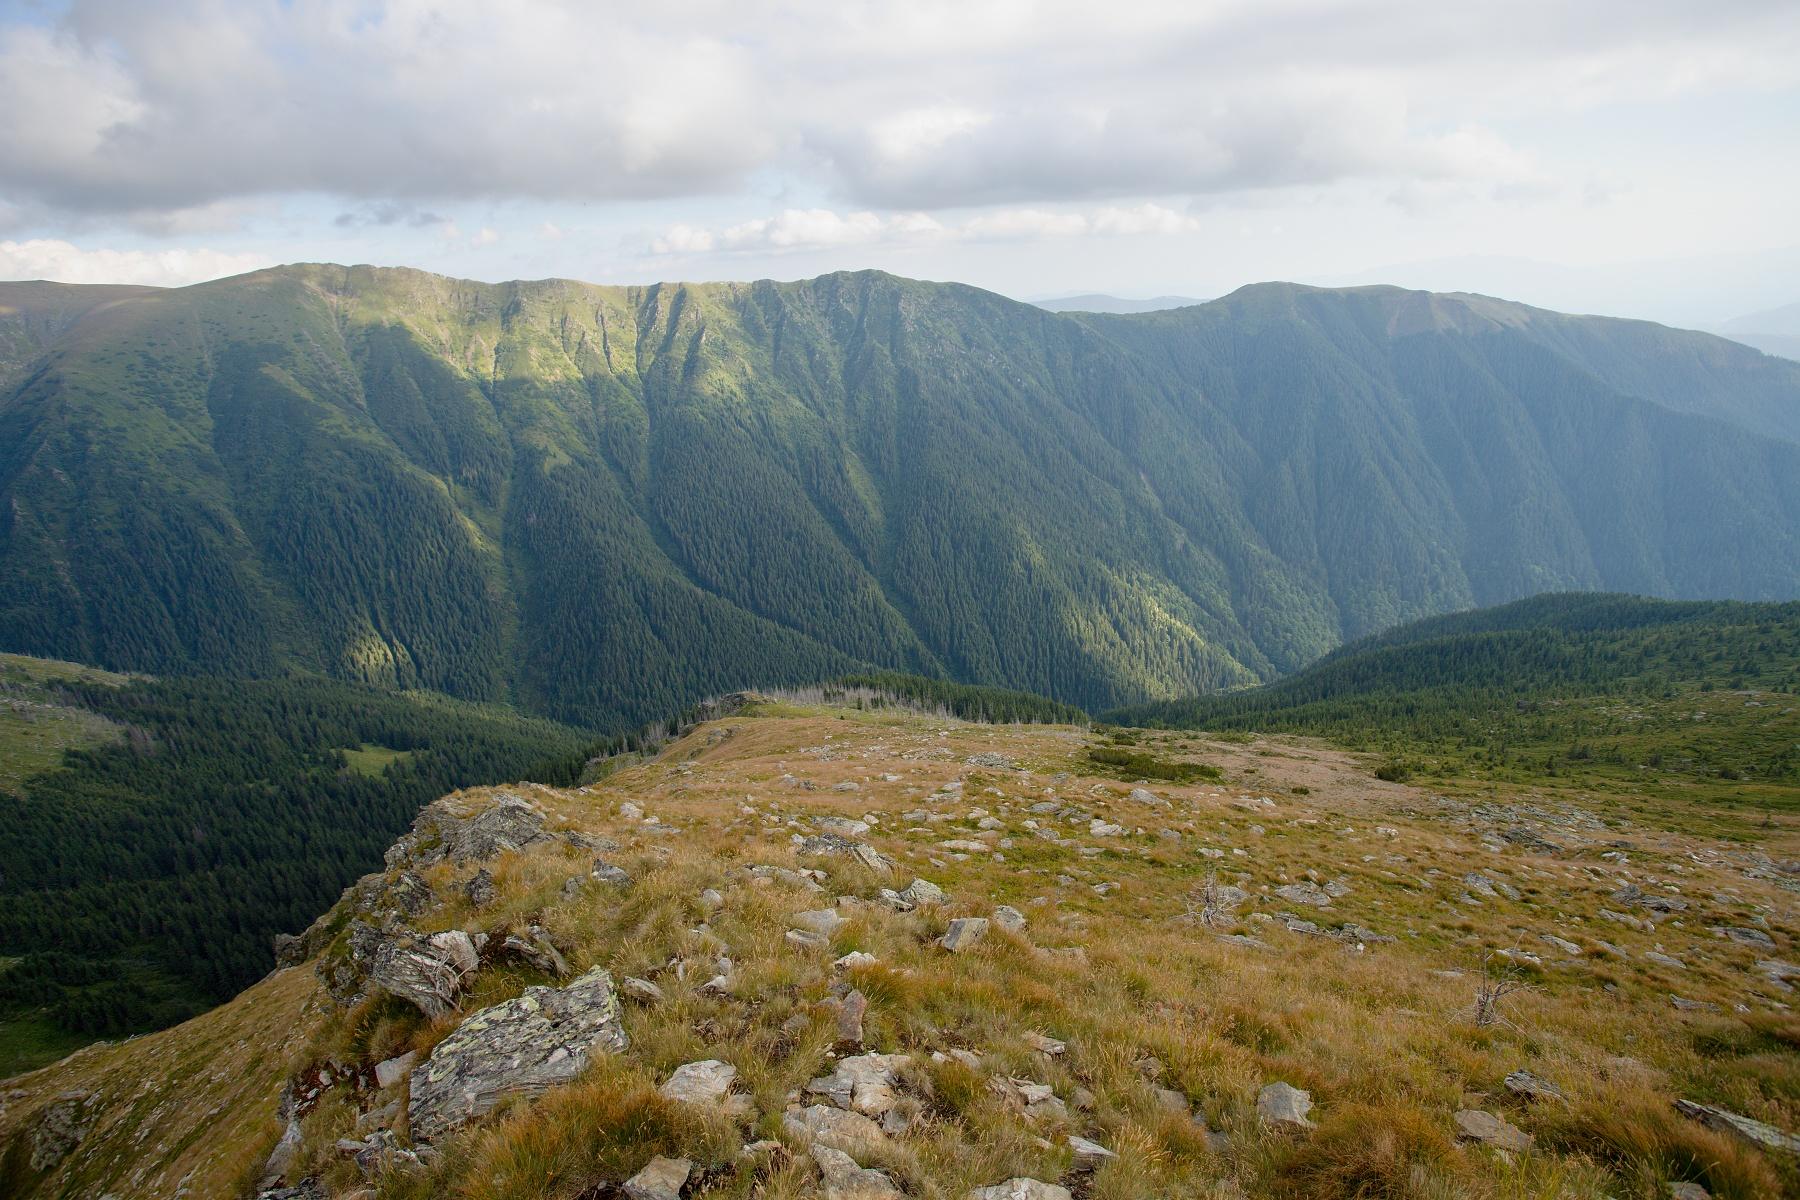 Boia Mică, Munții Făgăraș, Romania Canon EOS 6D mark II, Canon 17-40 mm, 17 mm, f8, 1/100, ISO 250, 10. august 2019